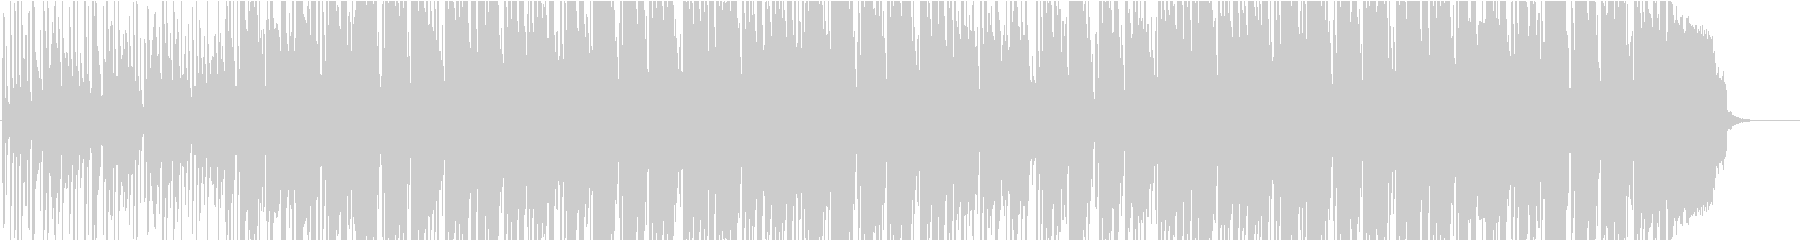 明るいラテン系な雰囲気の軽快な曲の未再生の波形